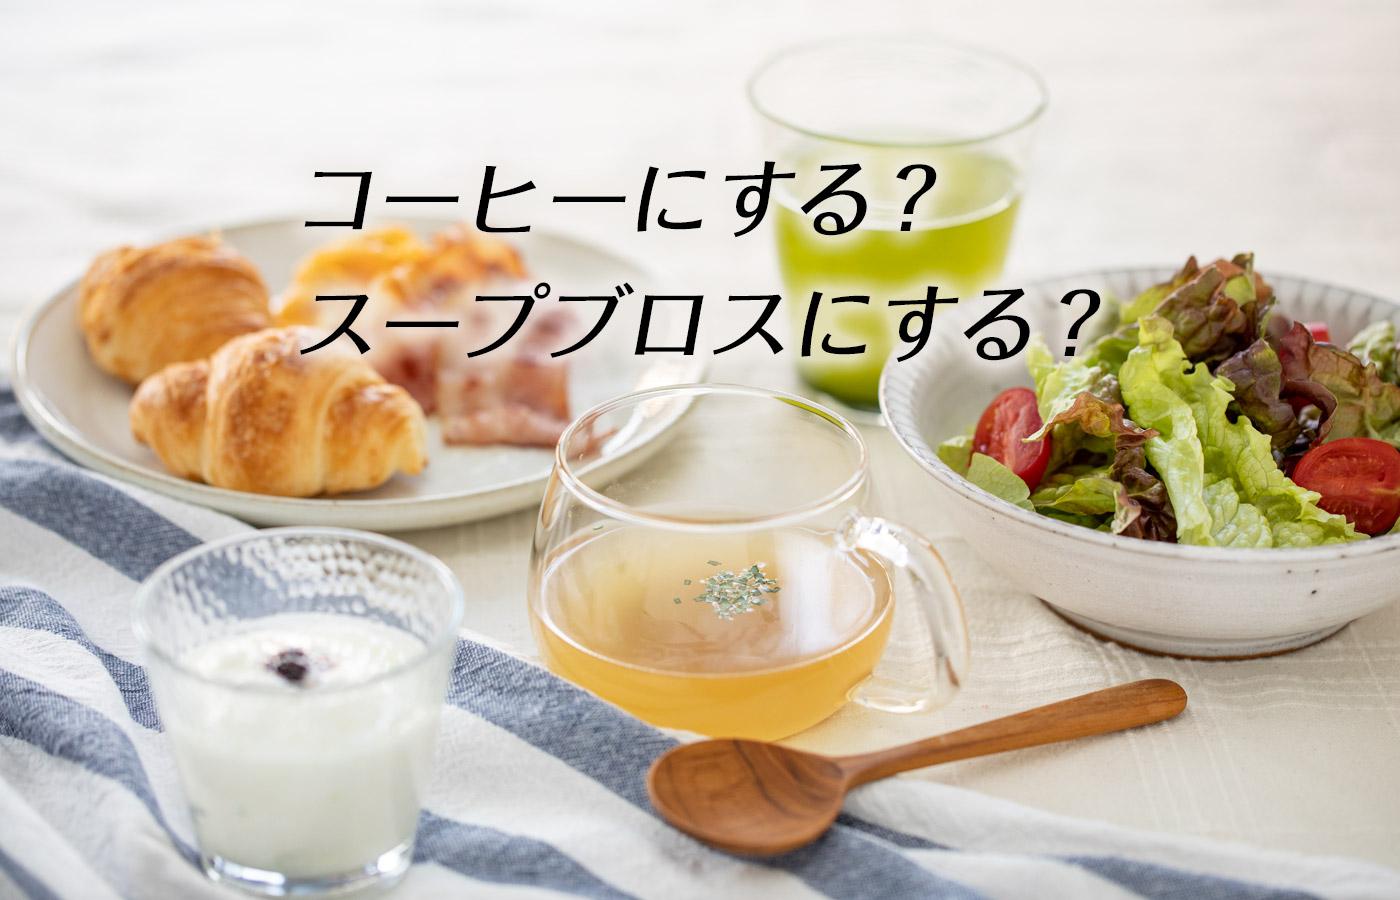 朝、コーヒーにする?スープブロスにする?